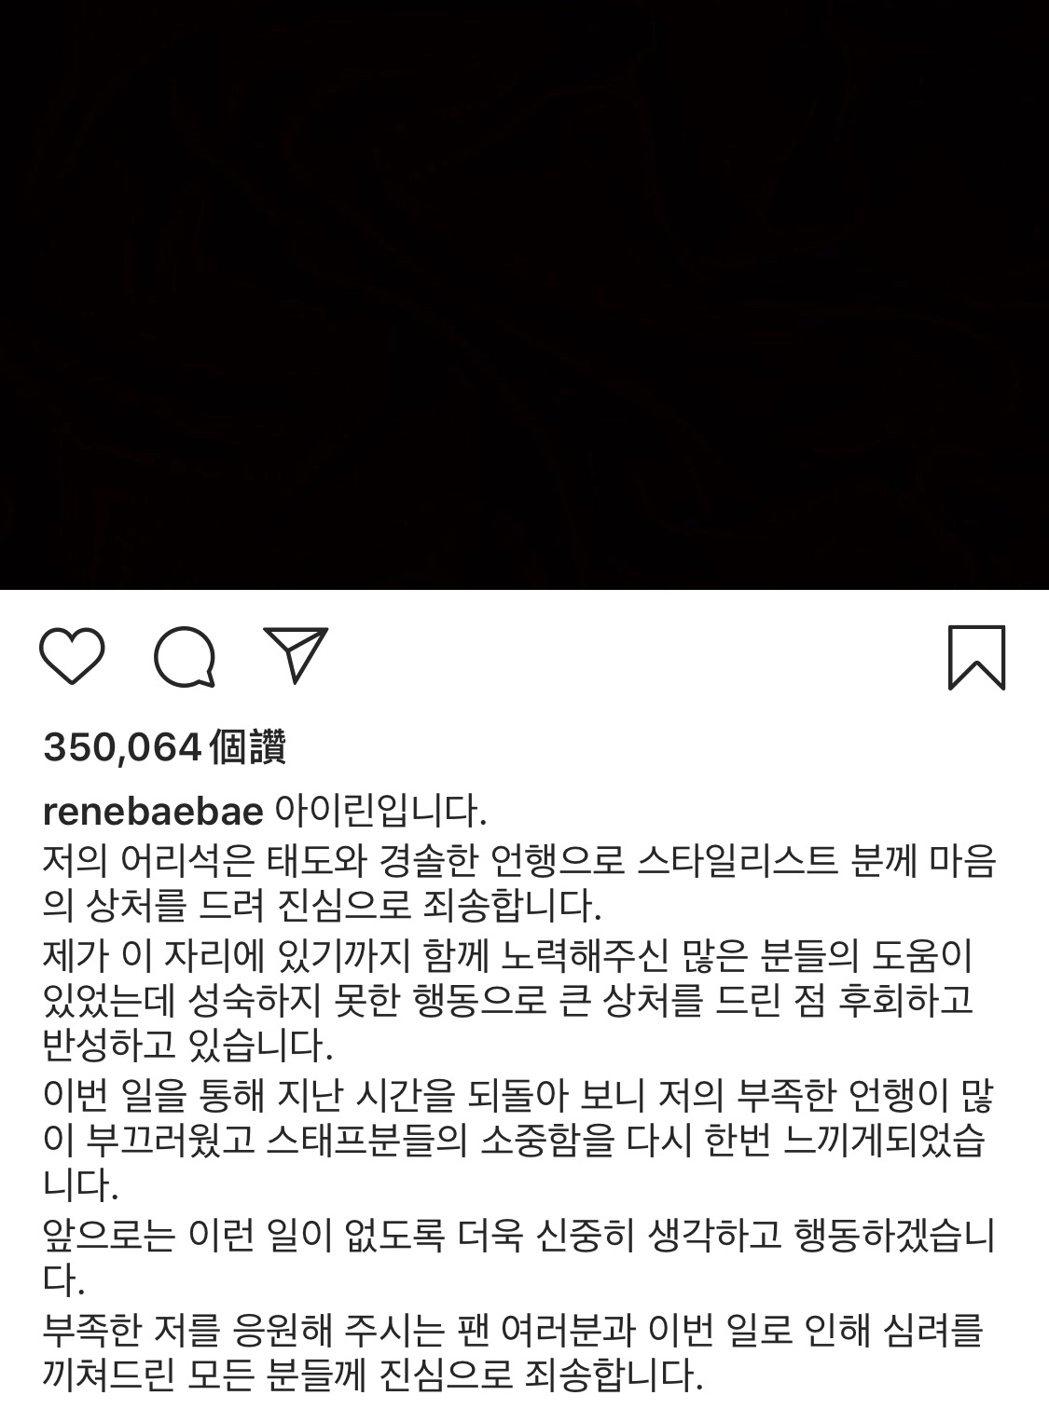 Irene認了就是大頭症女星,並公開道歉。圖/摘自IG